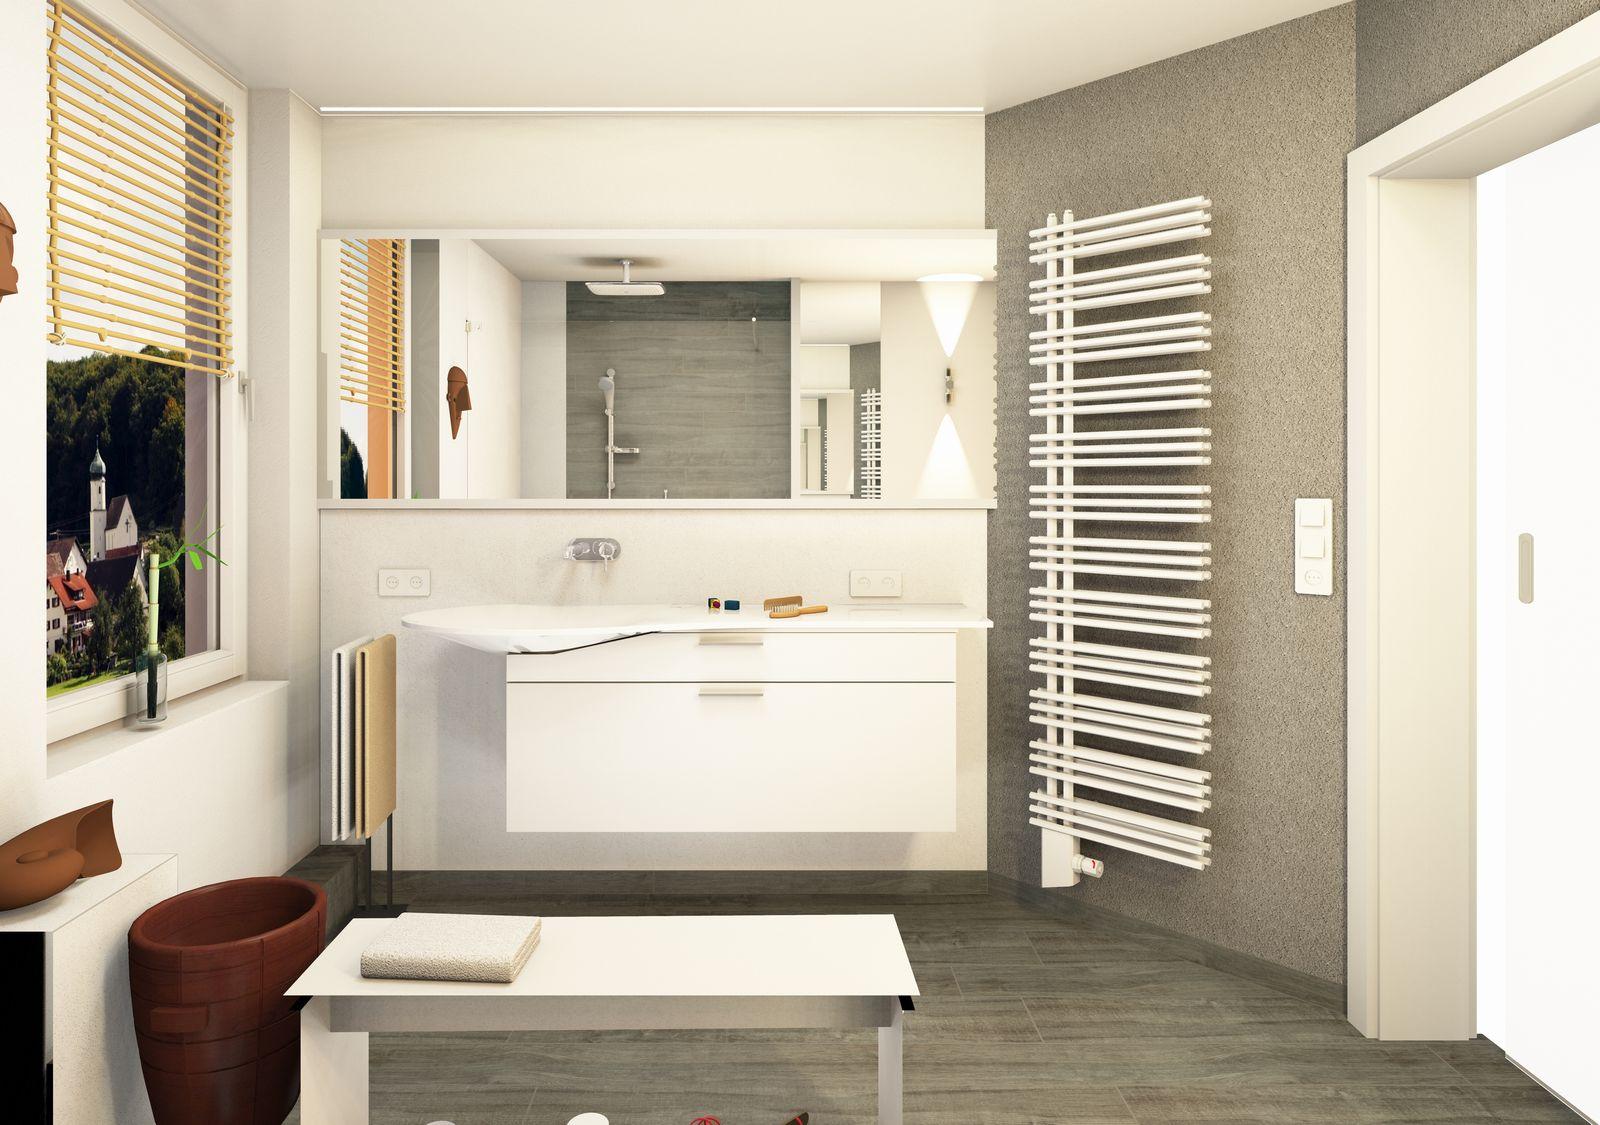 badezimmer umbau planen 28 images barrierefreies badezimmer planen tipps zum umbau